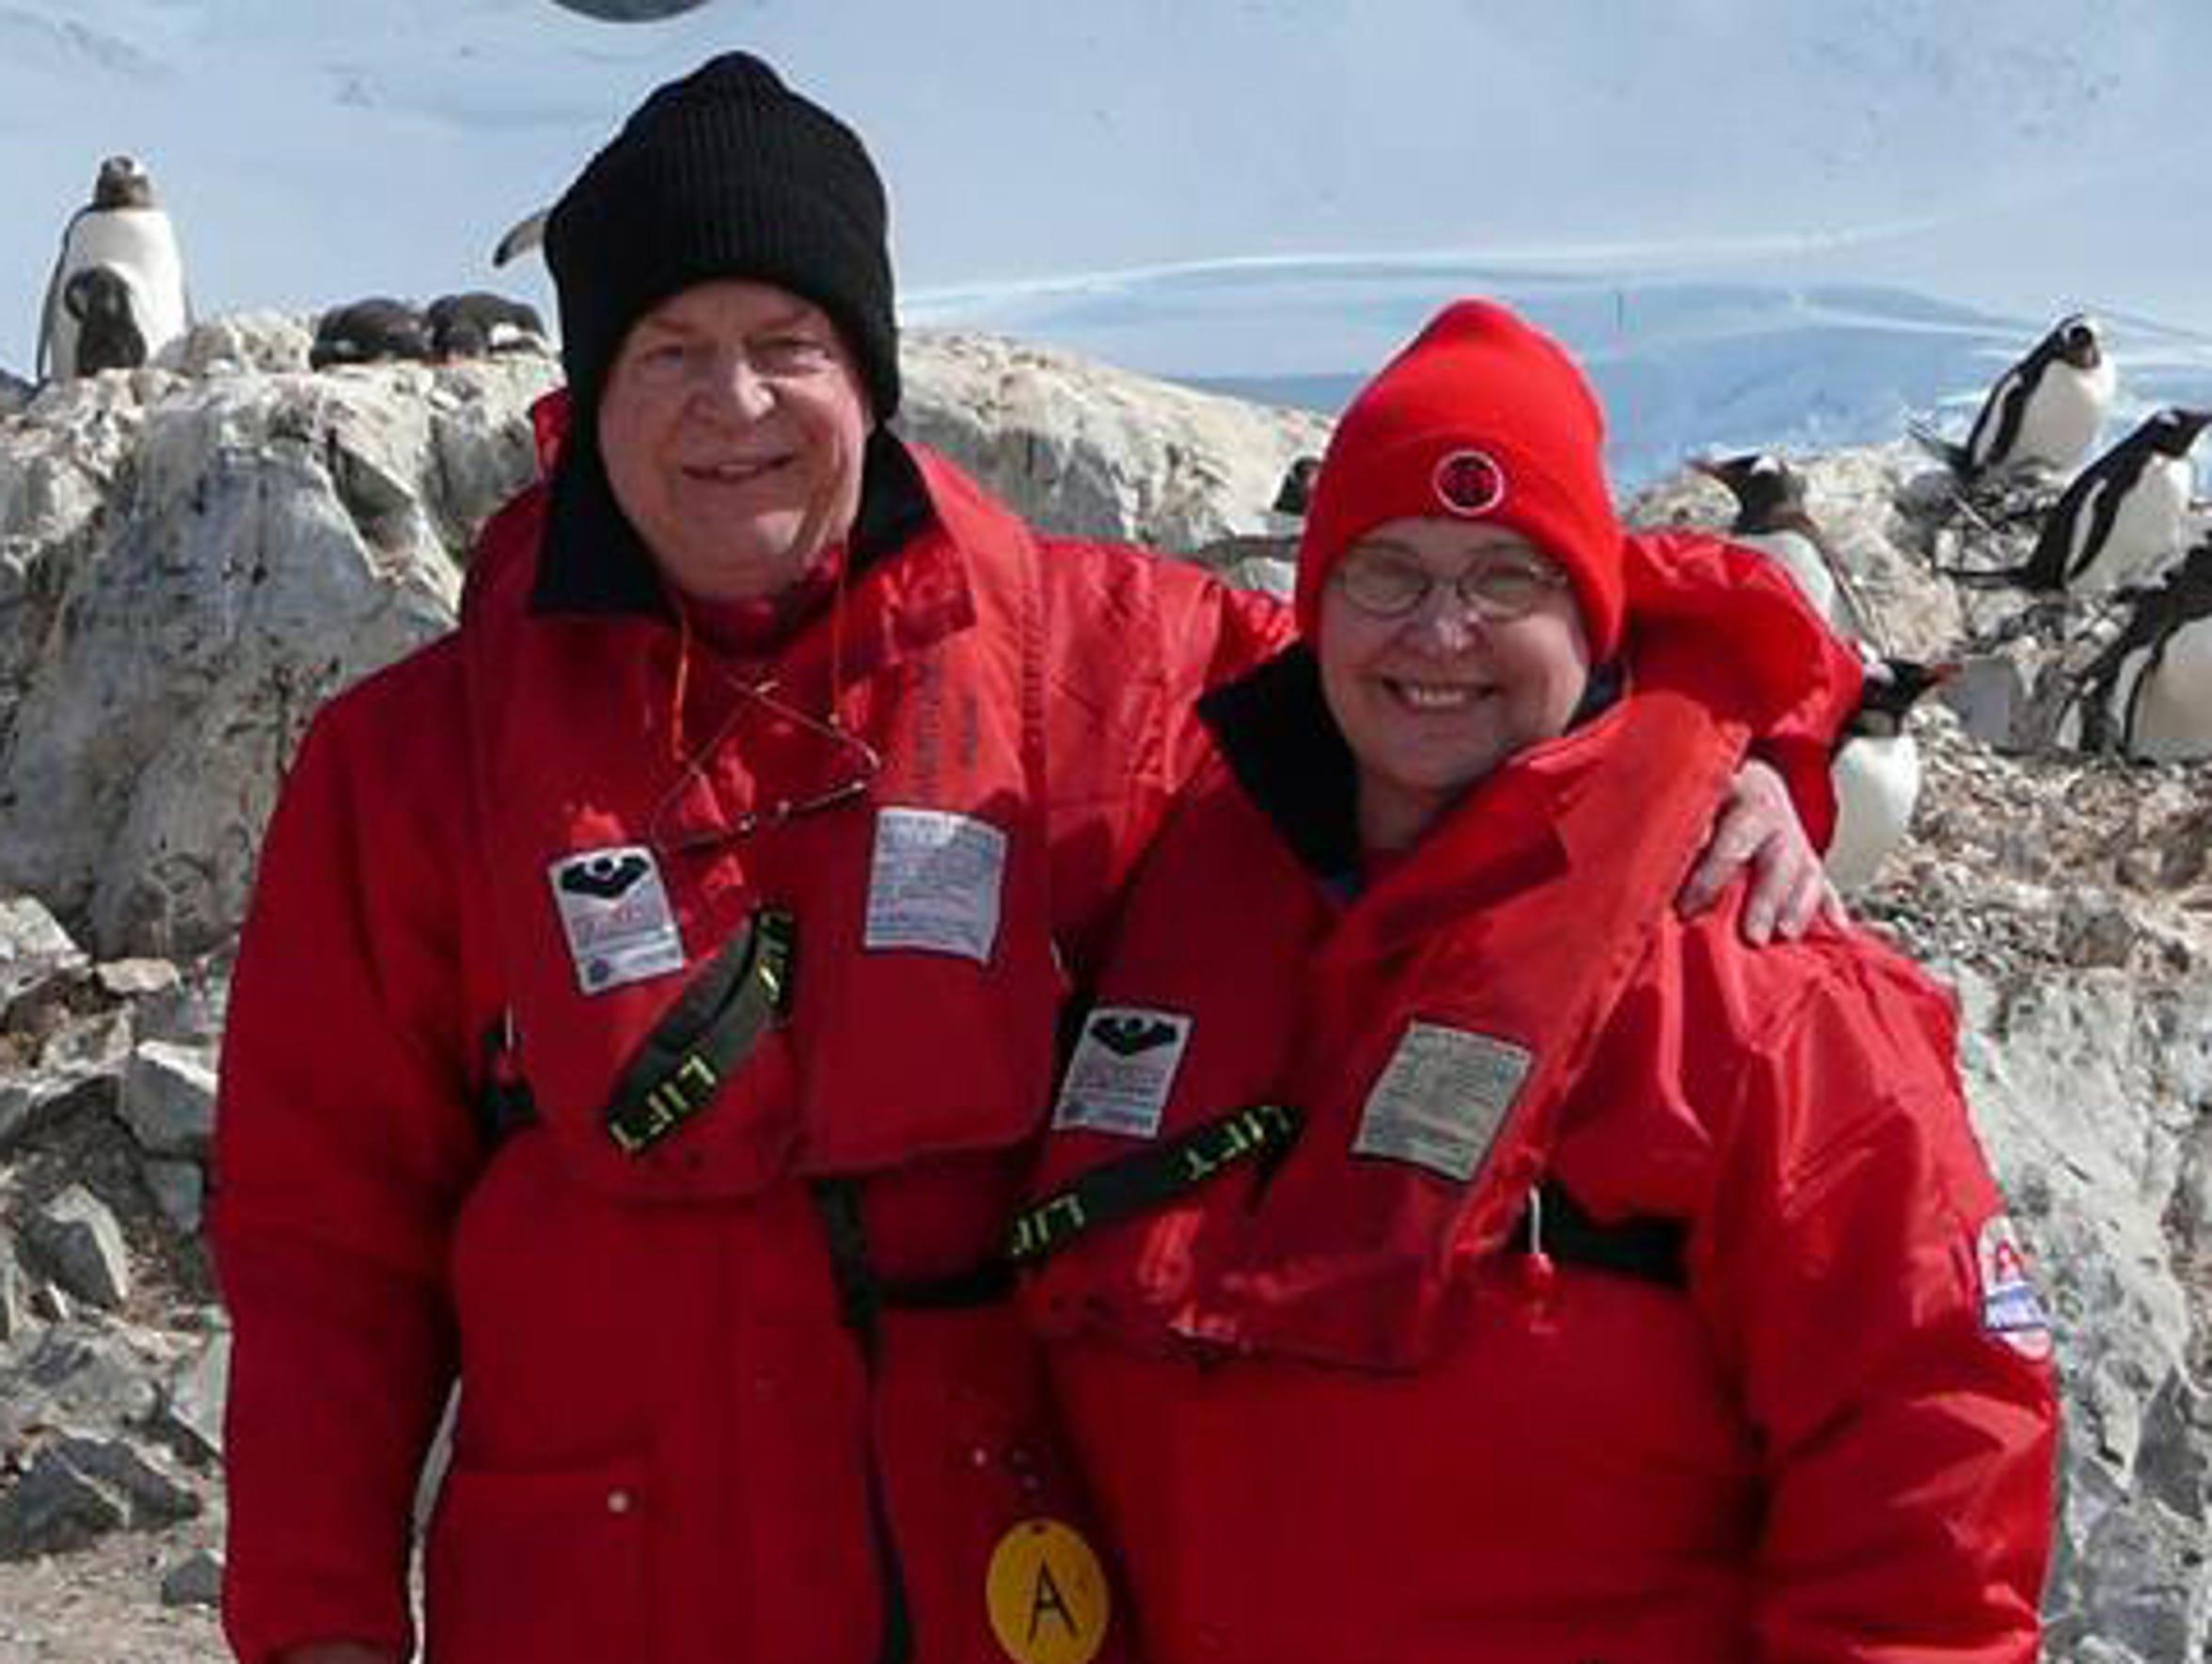 Robert Bonta, 72, and Karen Bonta, 71, were avid travelers